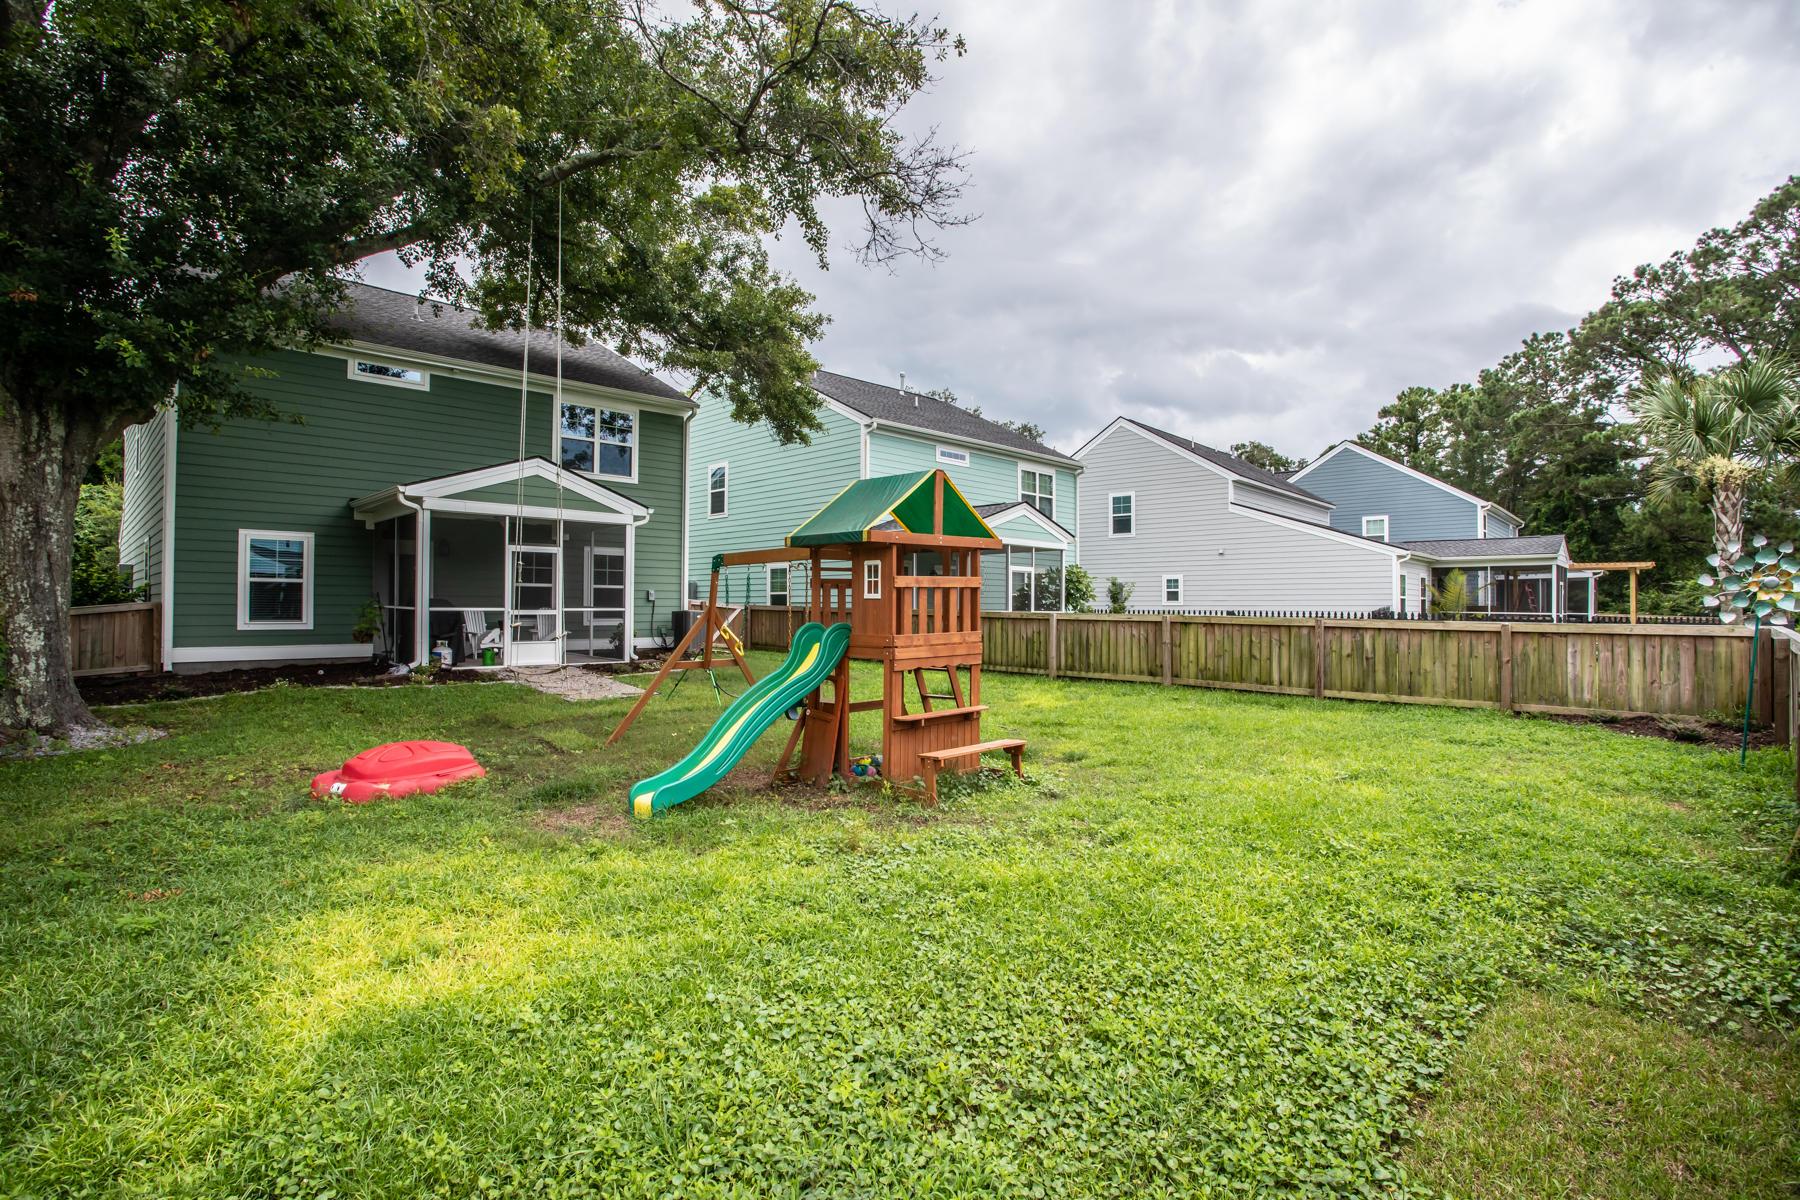 Pemberton Farms Homes For Sale - 1135 Pemberton Farms, Charleston, SC - 11